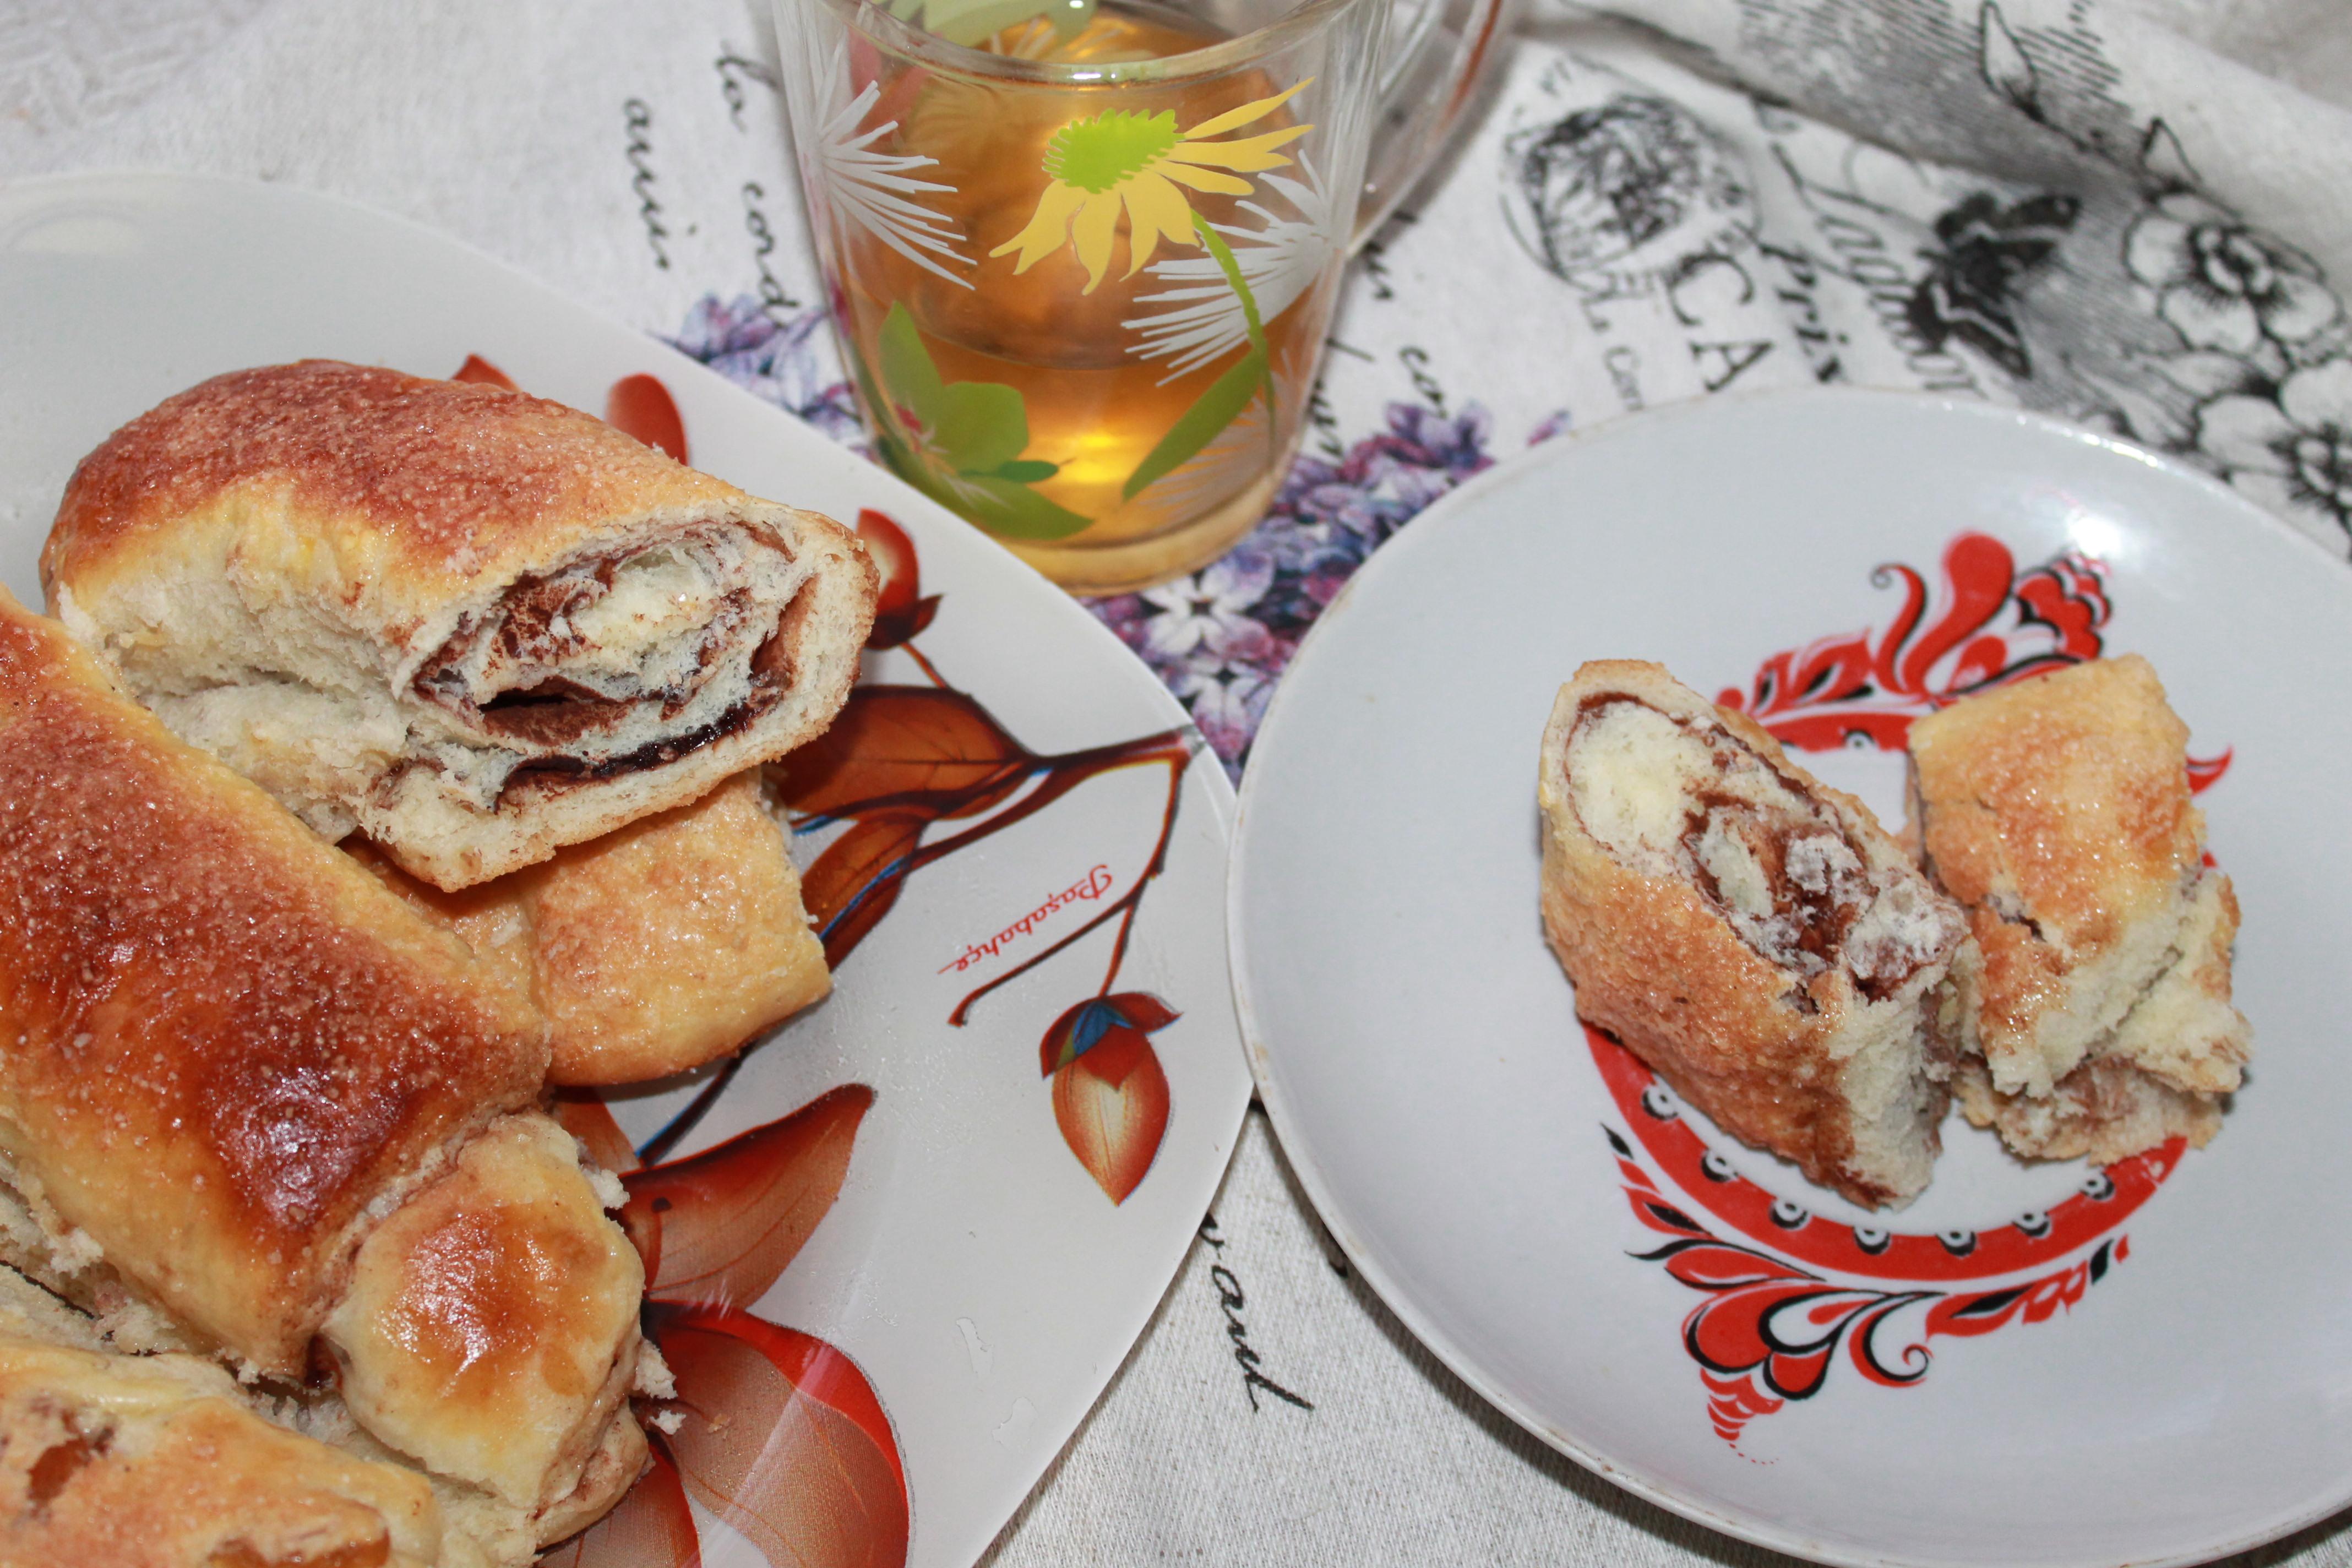 Рулеты из дрожжевого теста с какао: рецепт с фото пошагово